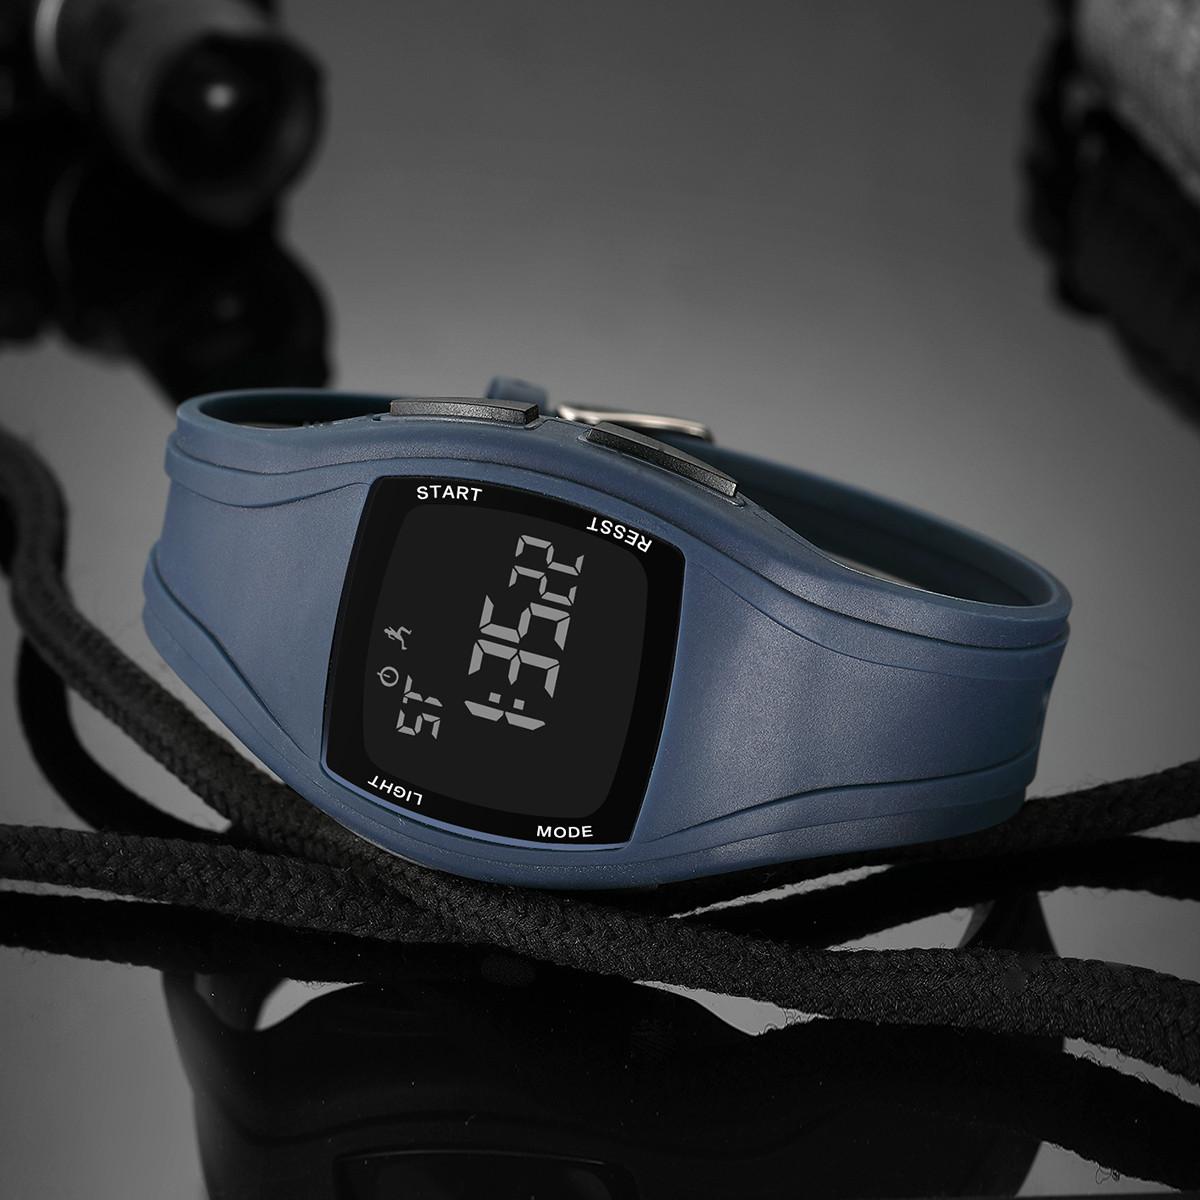 锐力锐力手表 时尚多功能数字显示电子表青年学生男表职场商务休闲R90007G1L12